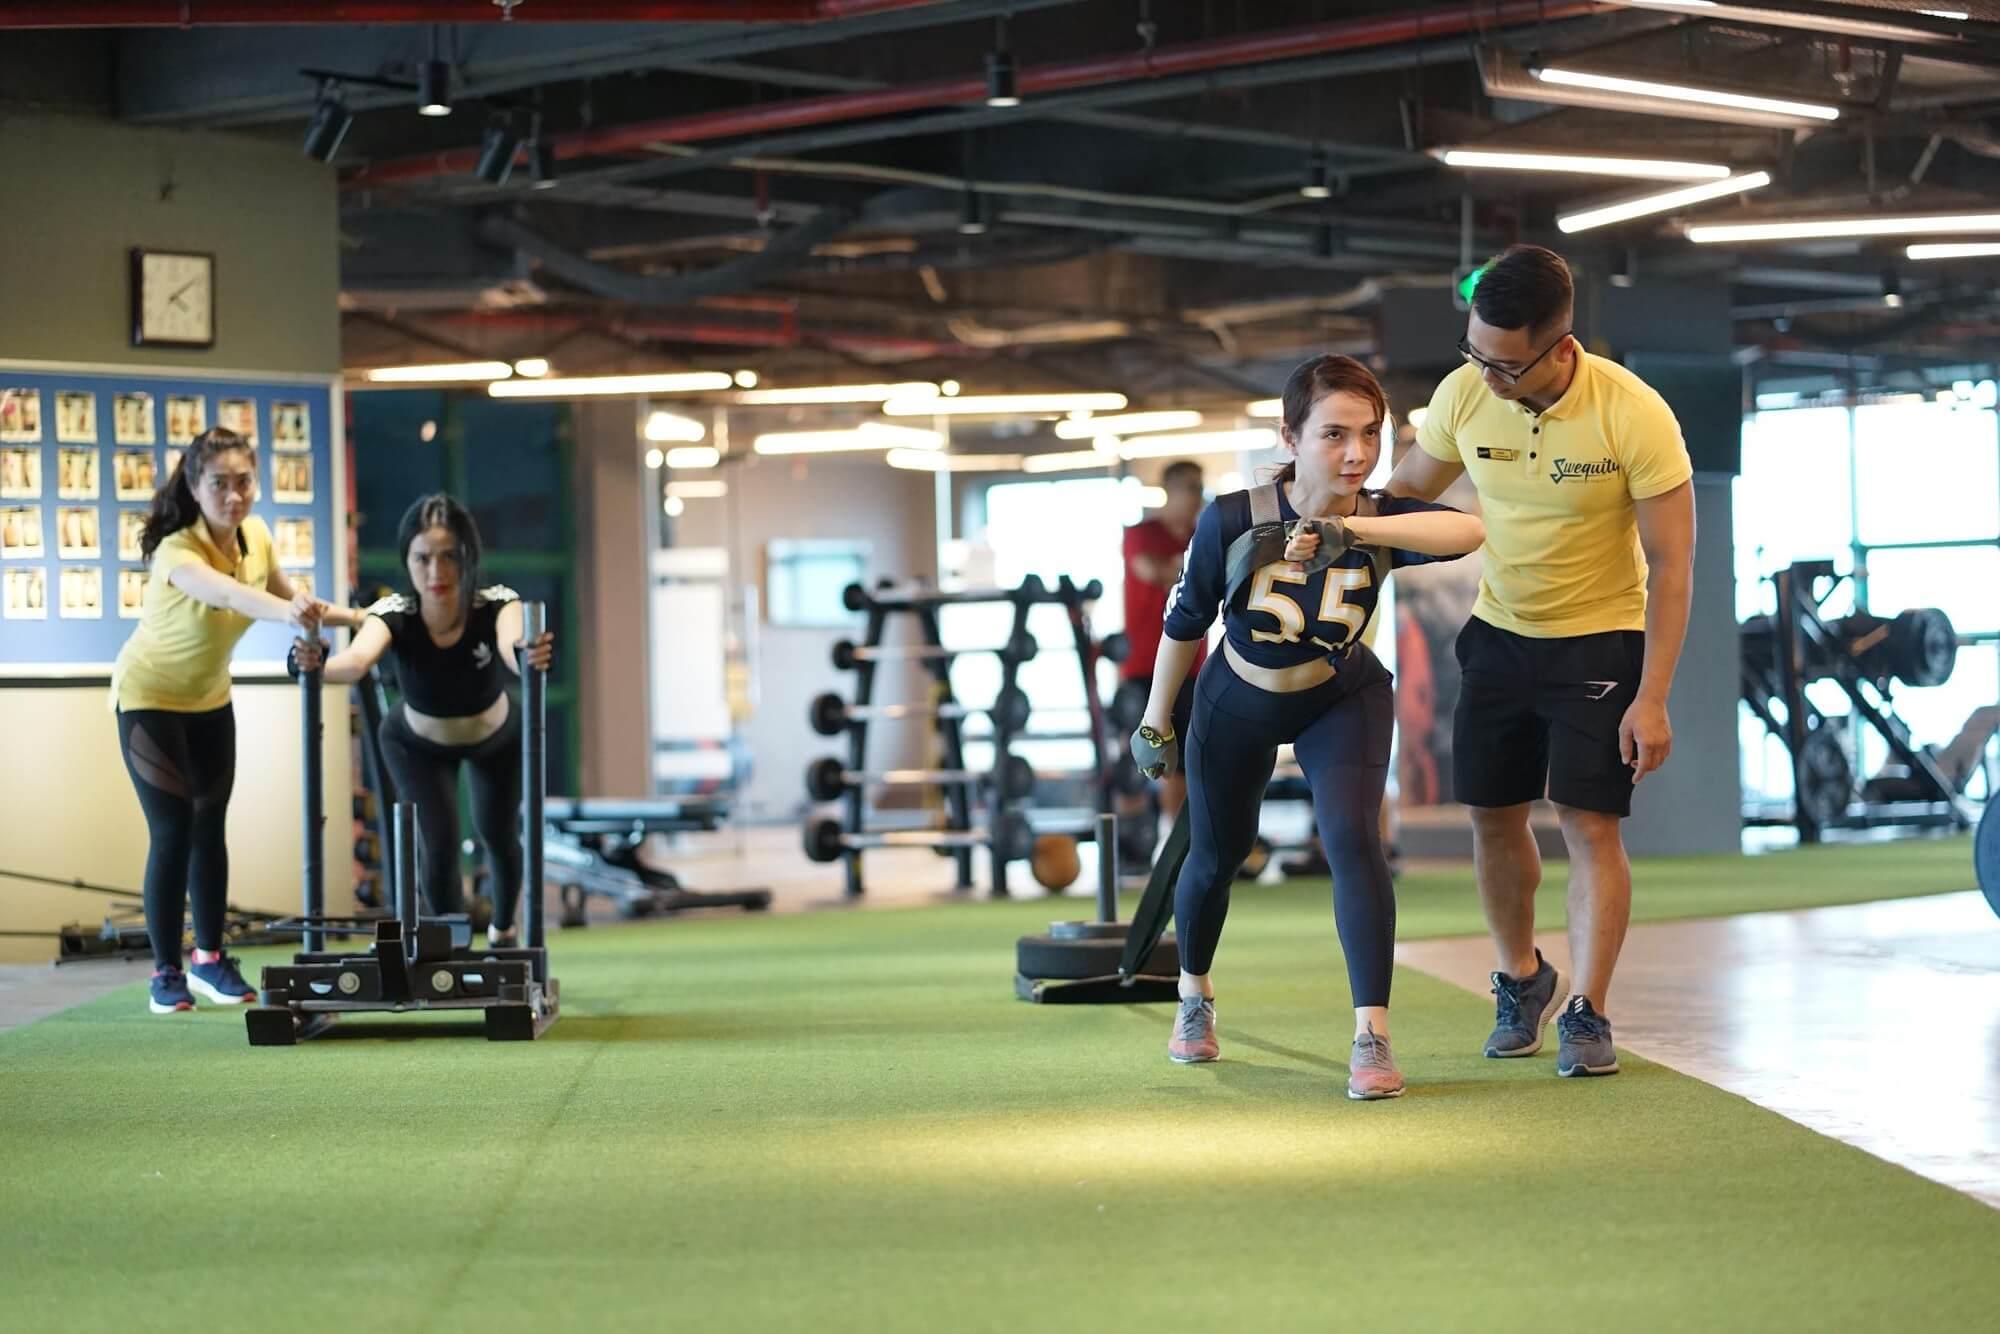 Trải nghiệm phòng tập gym đẳng cấp ở Hà Nội – Swequity Ultimate fitness